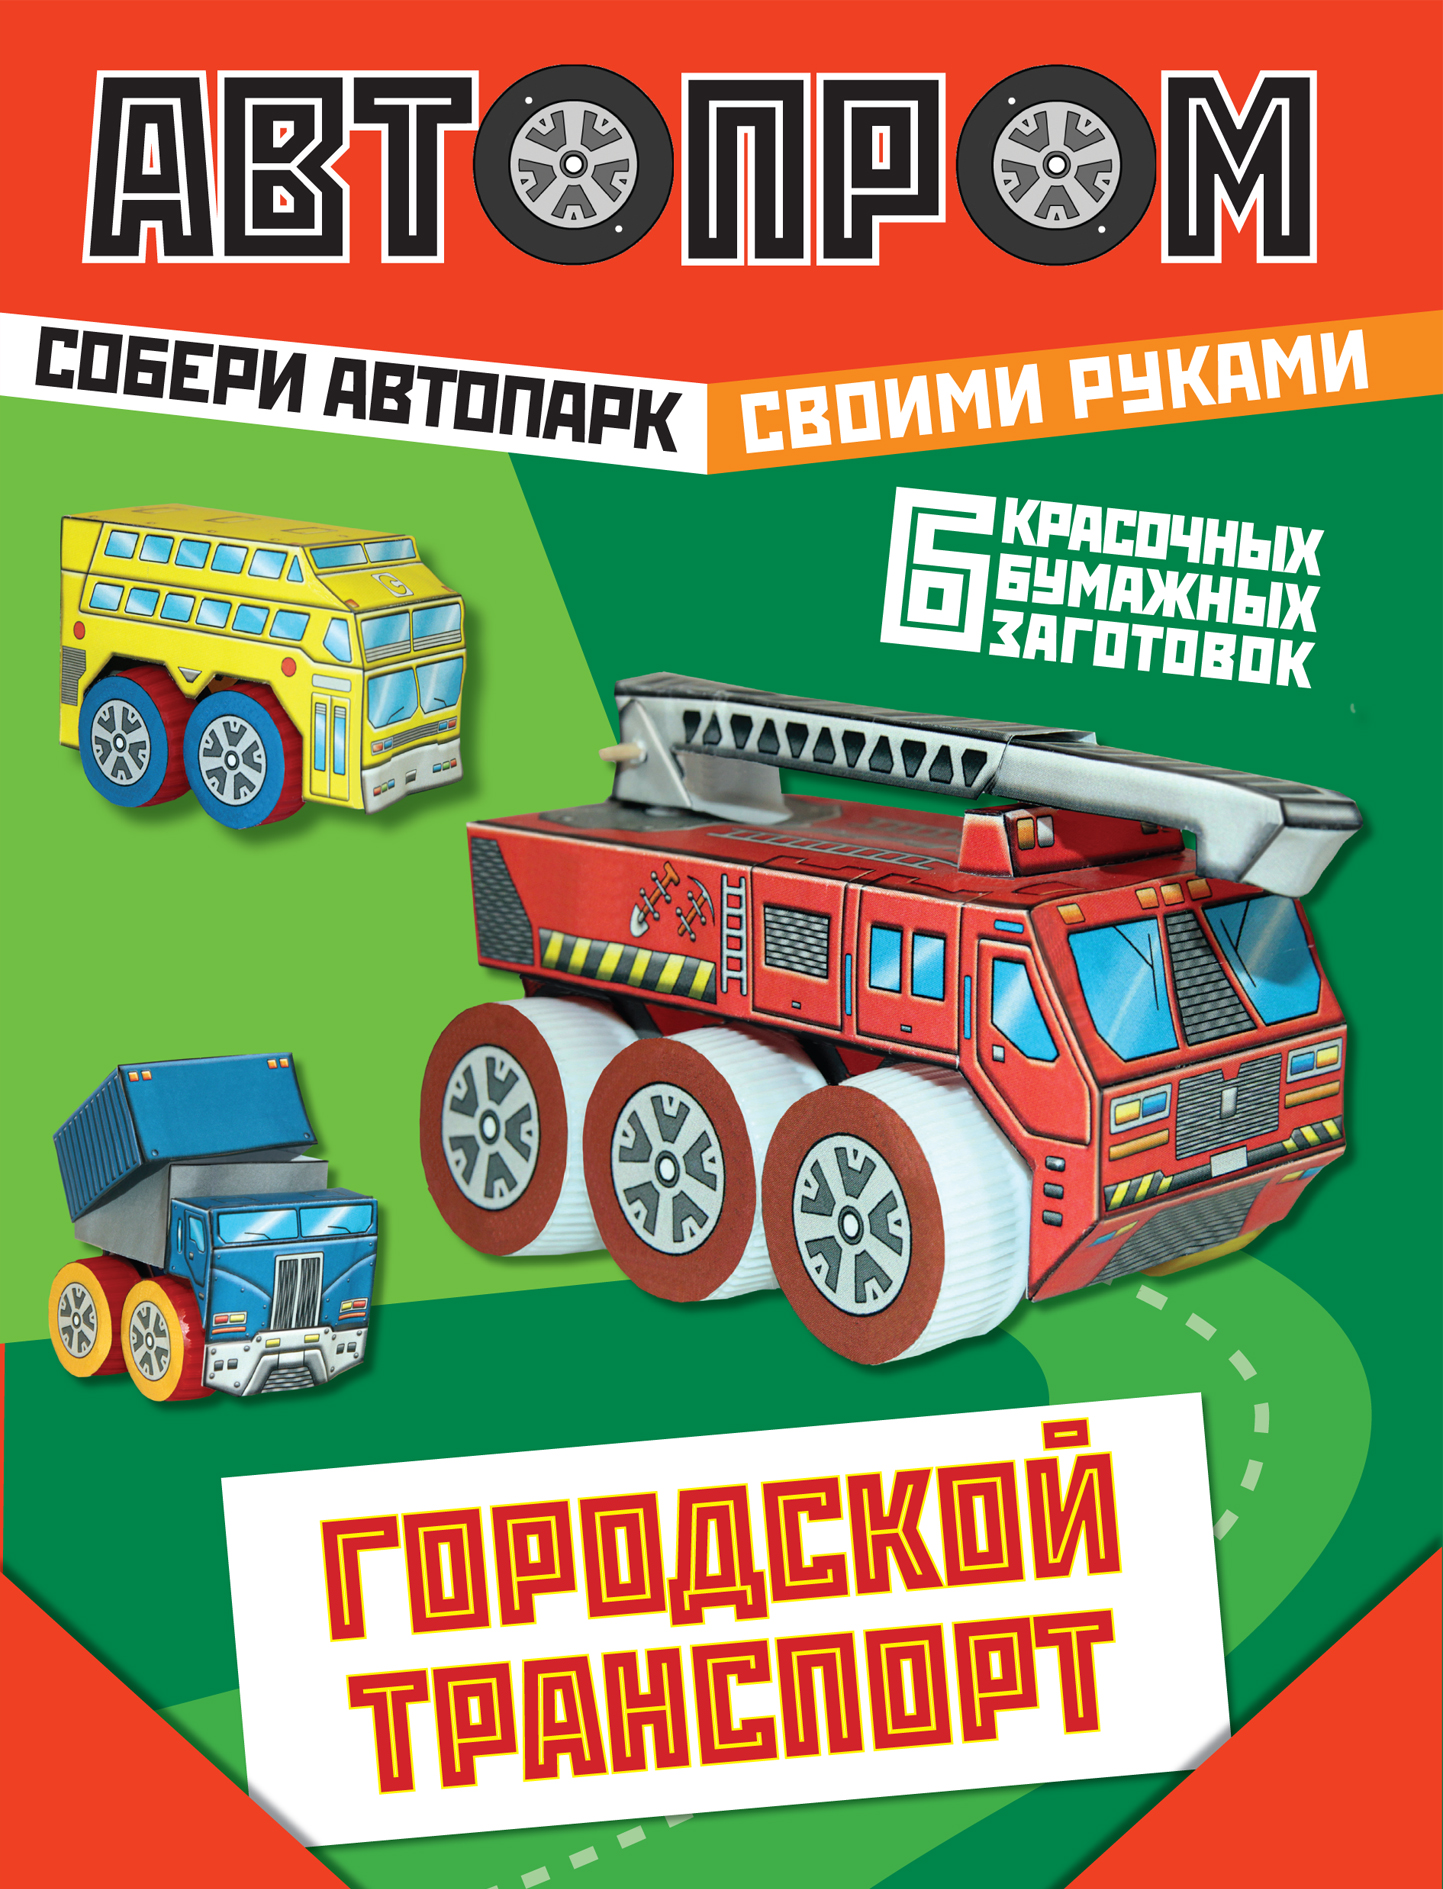 Городской транспорт (набор из 6 бумажных заготовок) строительные машины набор из 6 бумажных заготовок